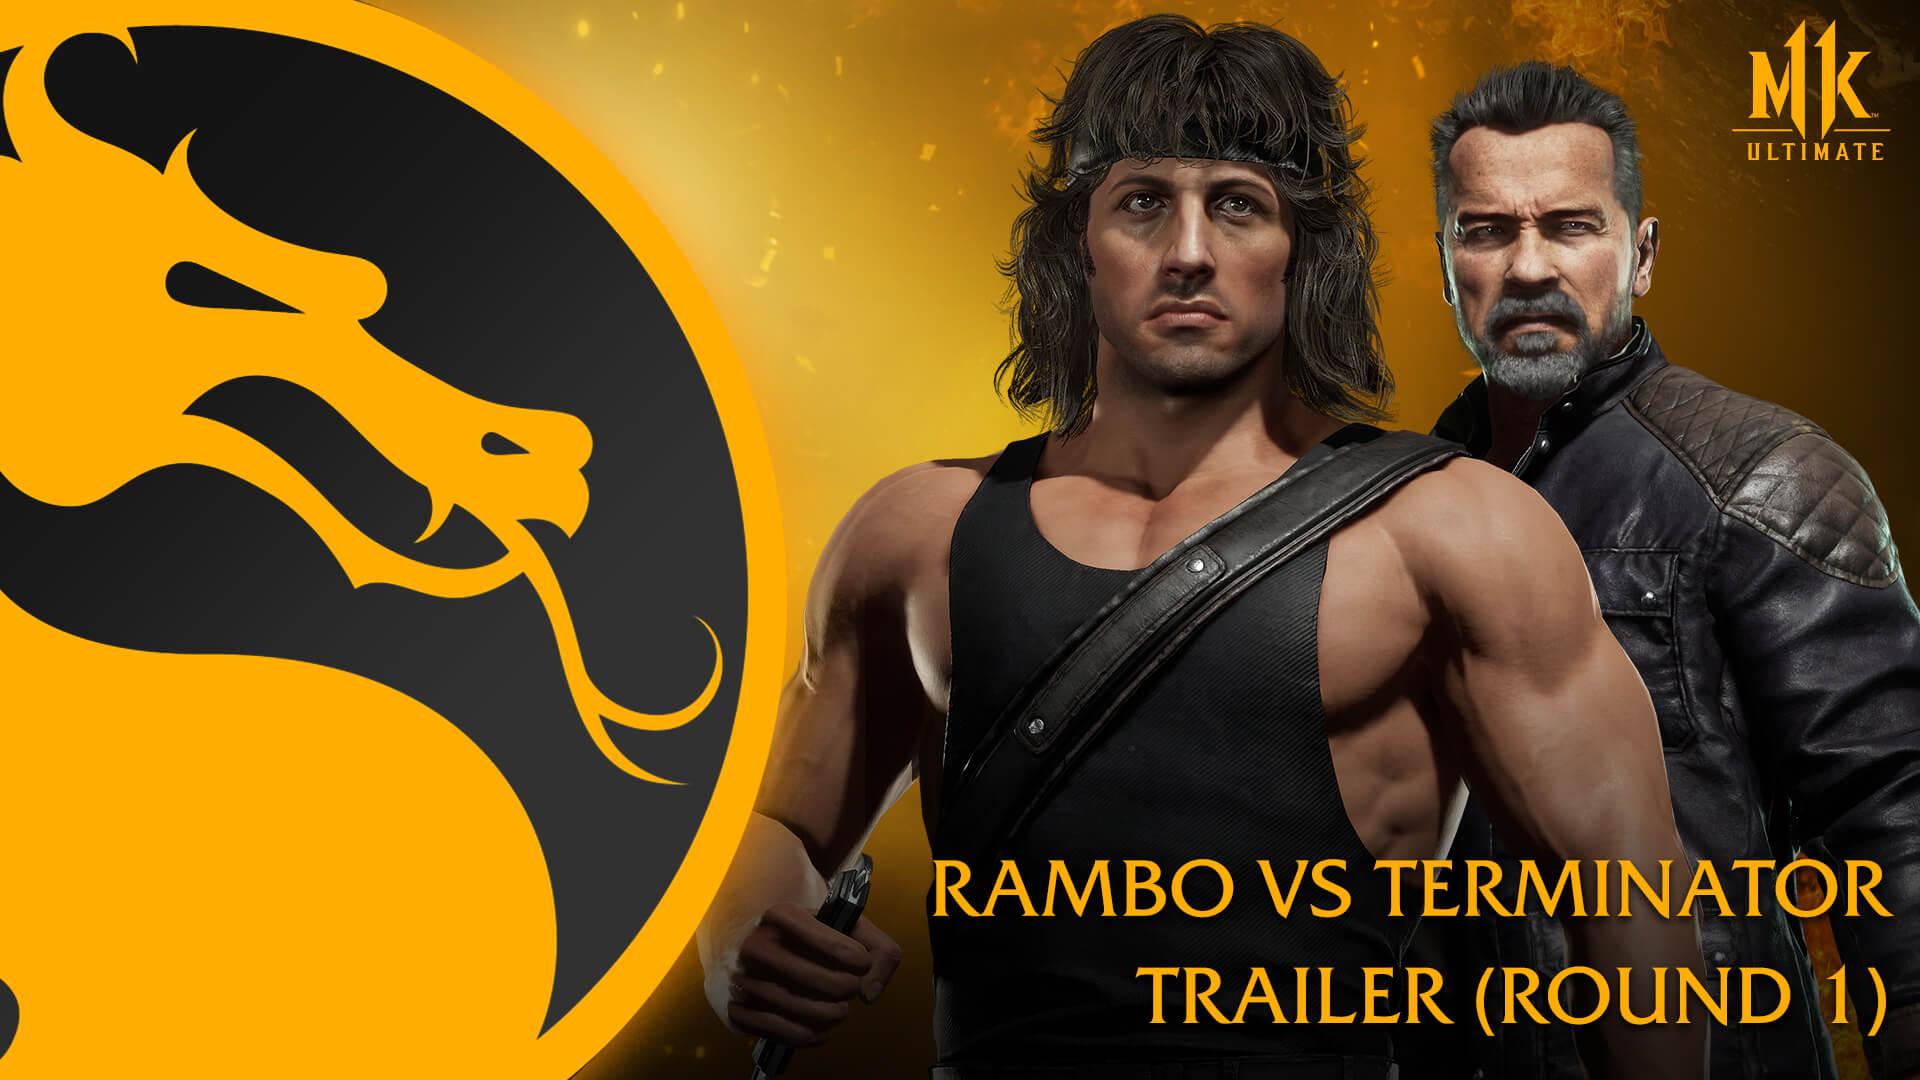 ¿Rambo vs Terminator? Mortal Kombat 11 lo hace posible en un tráiler